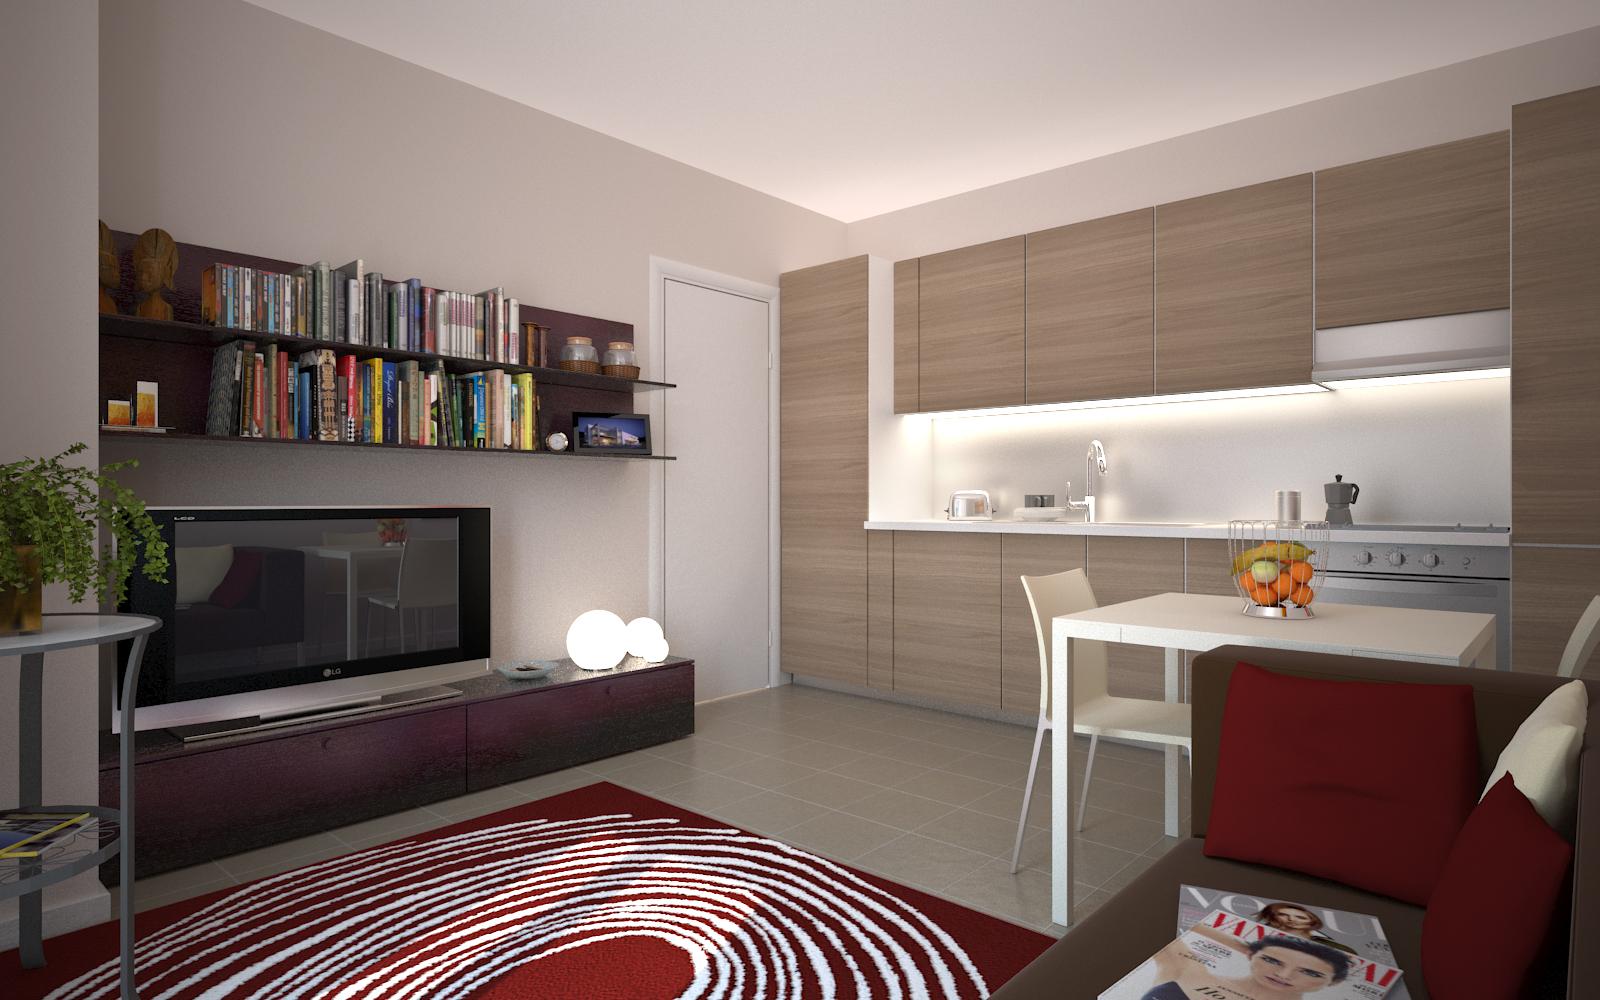 Residenza arcimboldi appartamenti in bicocca bilocali for Foto appartamenti moderni